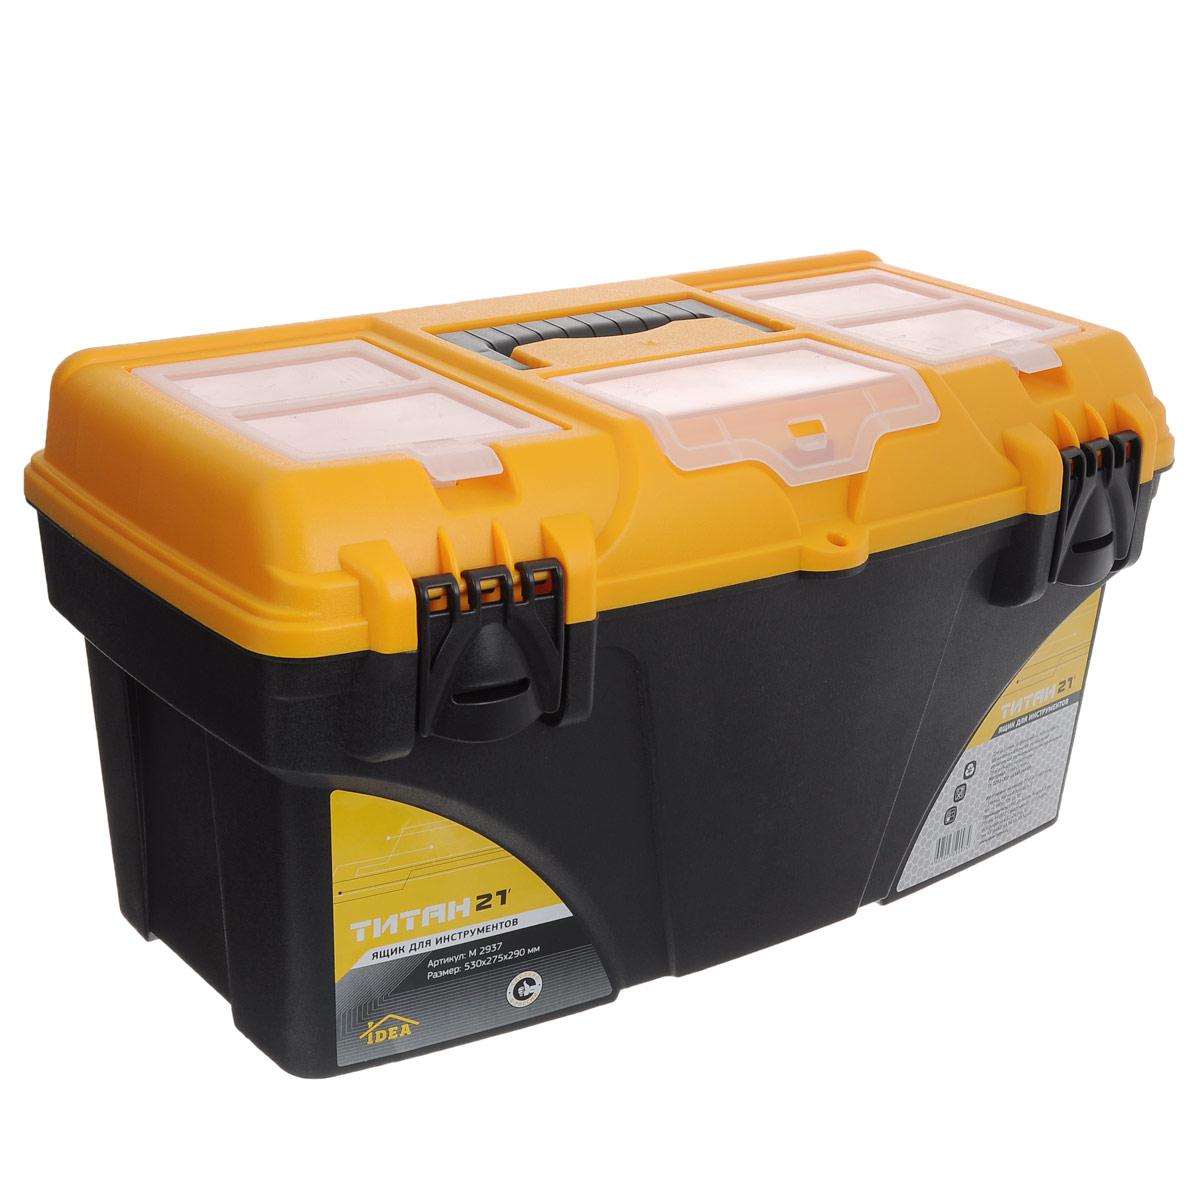 Ящик для инструментов Idea Титан 21, с органайзером, 53 х 27,5 х 29 см80621Ящик Idea Титан 21 изготовлен из прочного полипропилена и предназначен для хранения и переноски инструментов. Вместительный ящик внутри имеет большое главное отделение. В комплект входит съемный органайзер с ручкой для небольших инструментов и аксессуаров. Крышка ящика оснащена тремя секциями с двумя ячейками каждая, которые закрываются прозрачной крышкой с защелкой. Для более комфортного переноса ящика в руках на крышке предусмотрена удобная ручка. Кроме того, крышка снабжена двумя защелками, которые не допускают случайного открывания. Размер ящика: 53 х 27,5 х 29 см.Размер органайзера: 51,5 х 24,5 х 6,5 см.